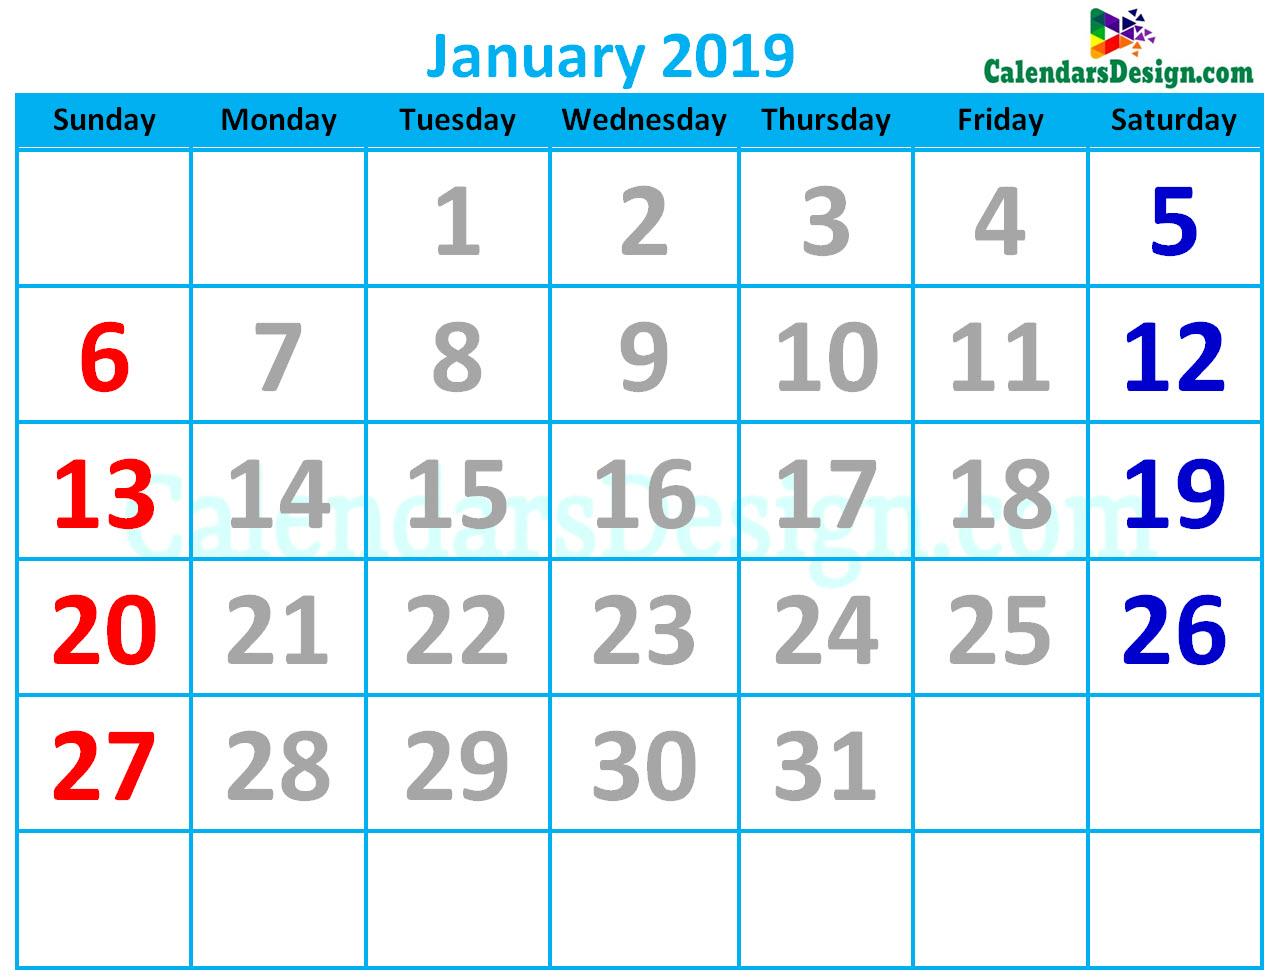 Cute Calendar for January 2019